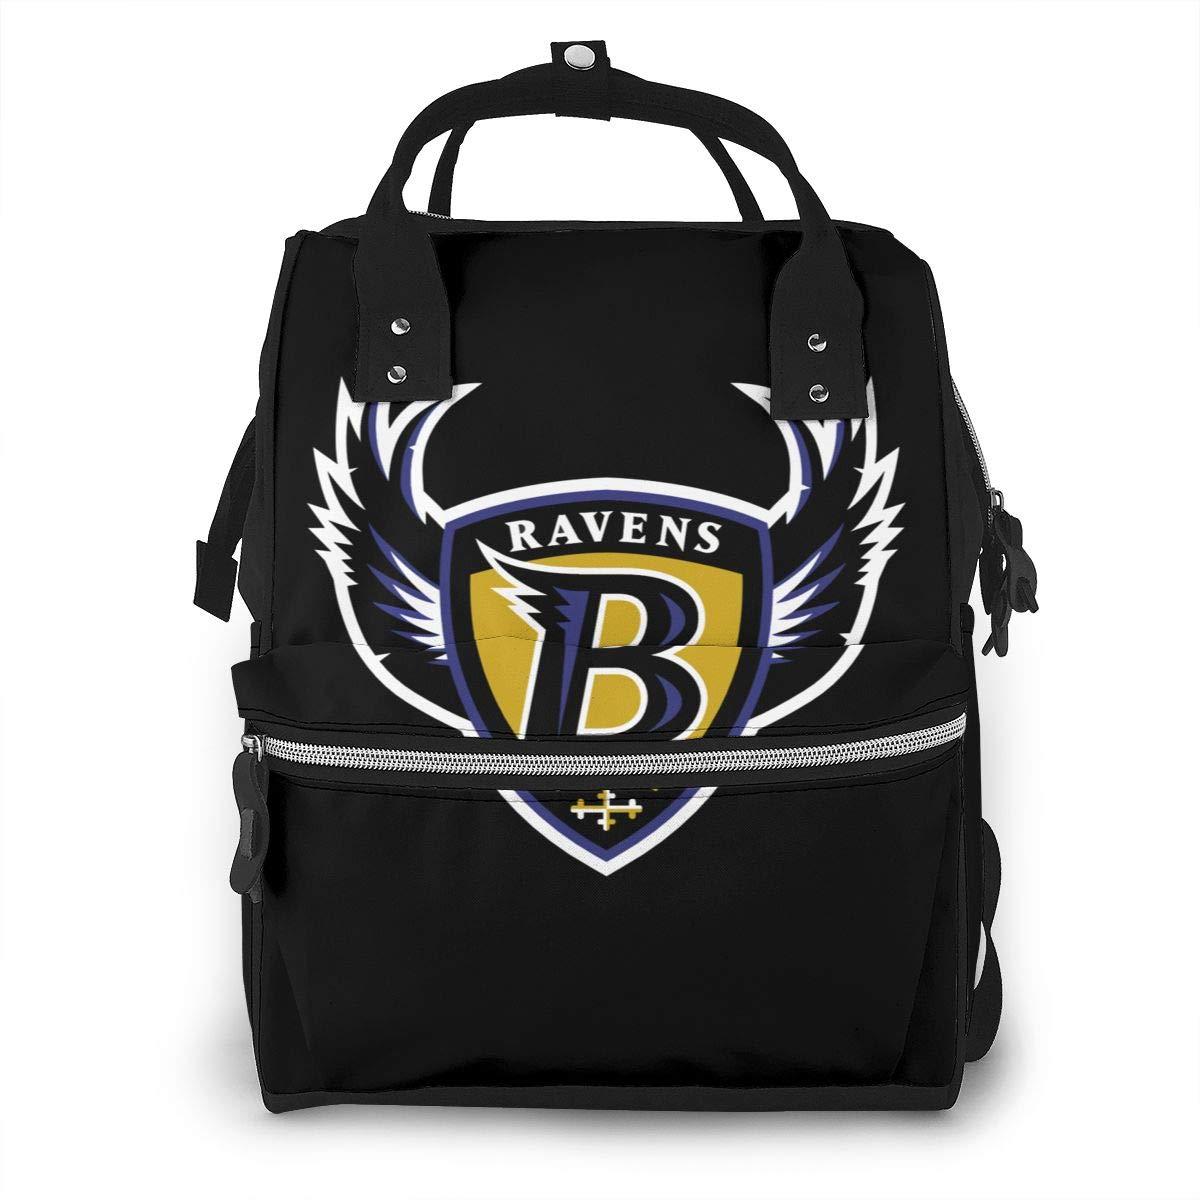 Baltimore Raven Fashion Mummy Backpack Shoulder Bag Portable